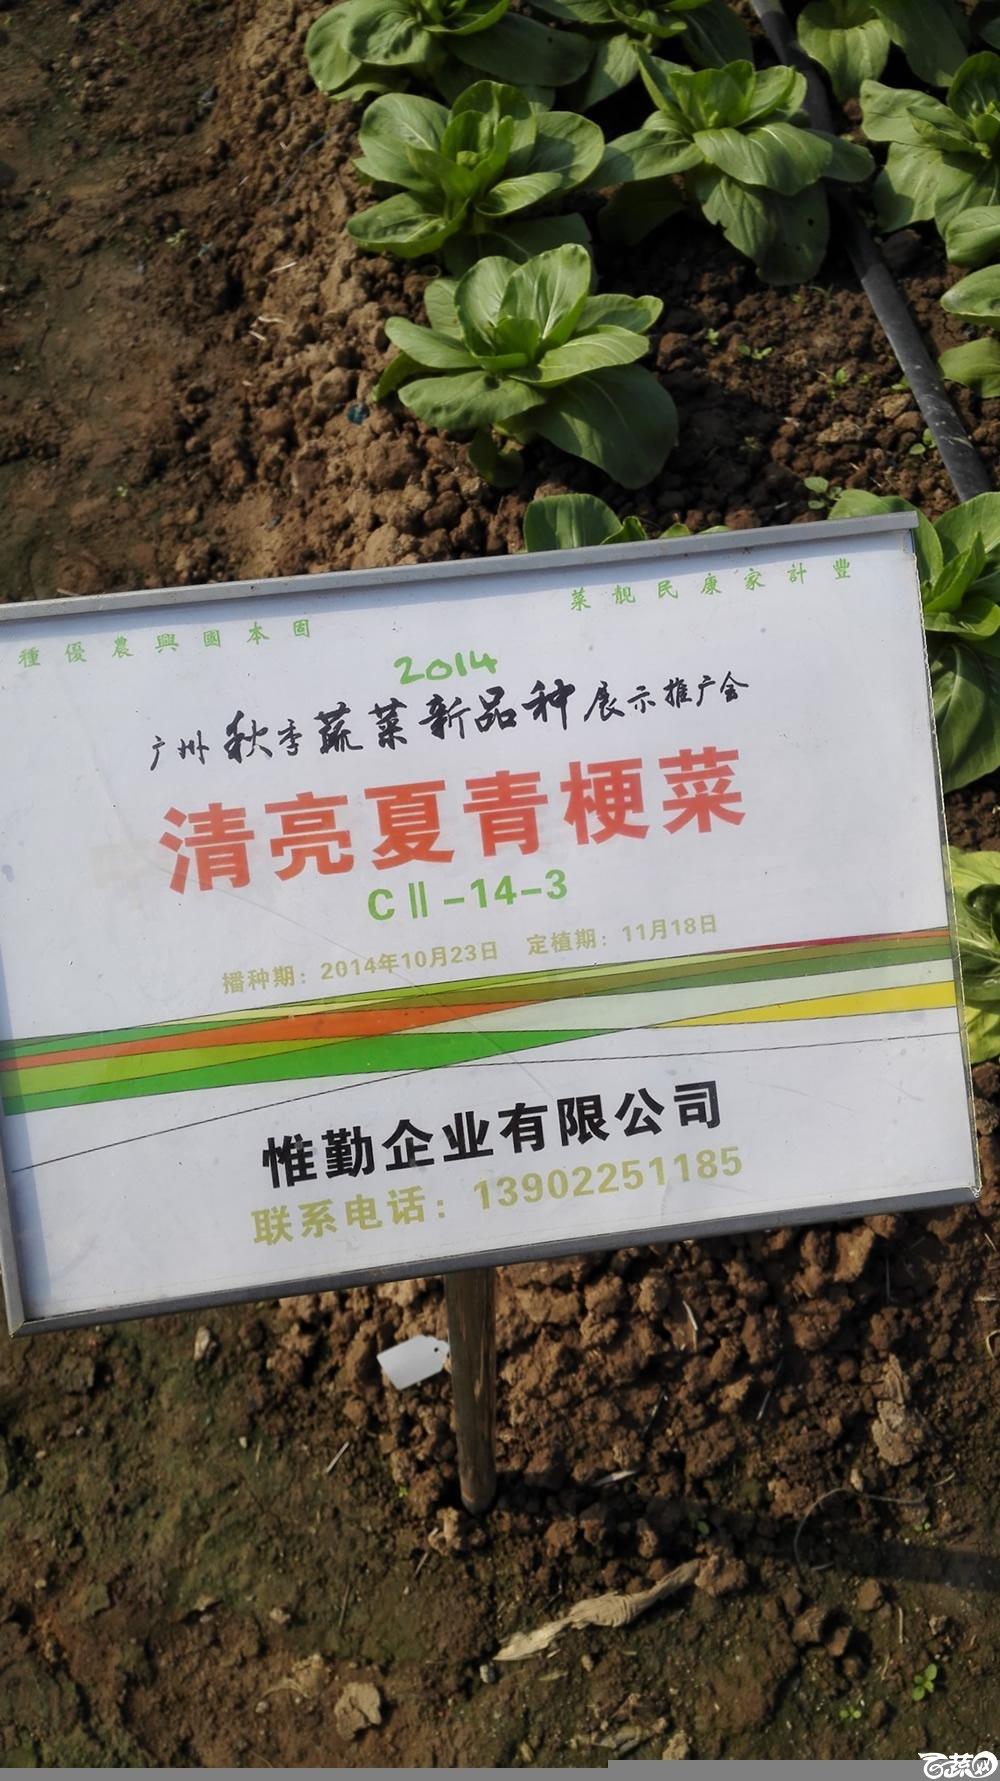 2014年12月10号广州市农科院南沙秋季蔬菜新品种展示会_叶菜_120.jpg